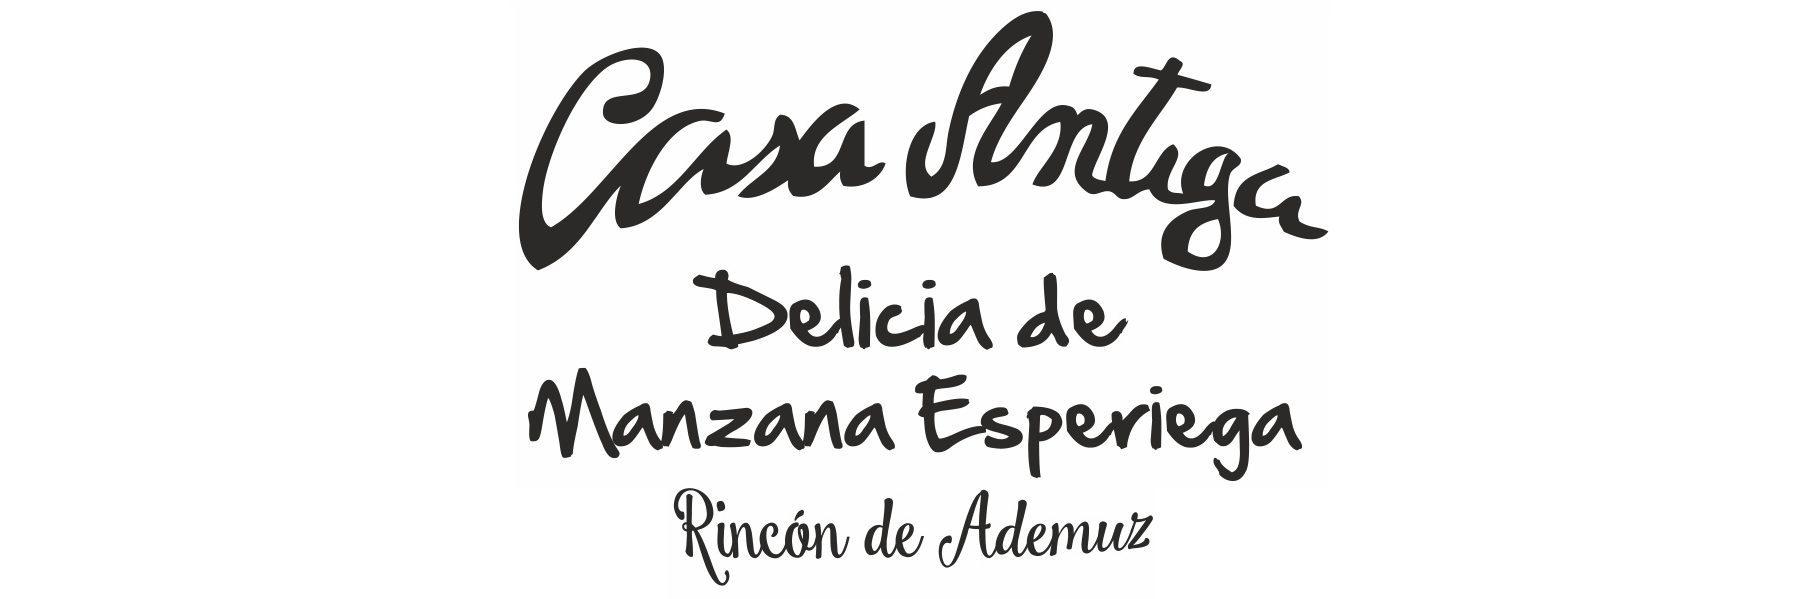 Delicias de Manzana Esperiega